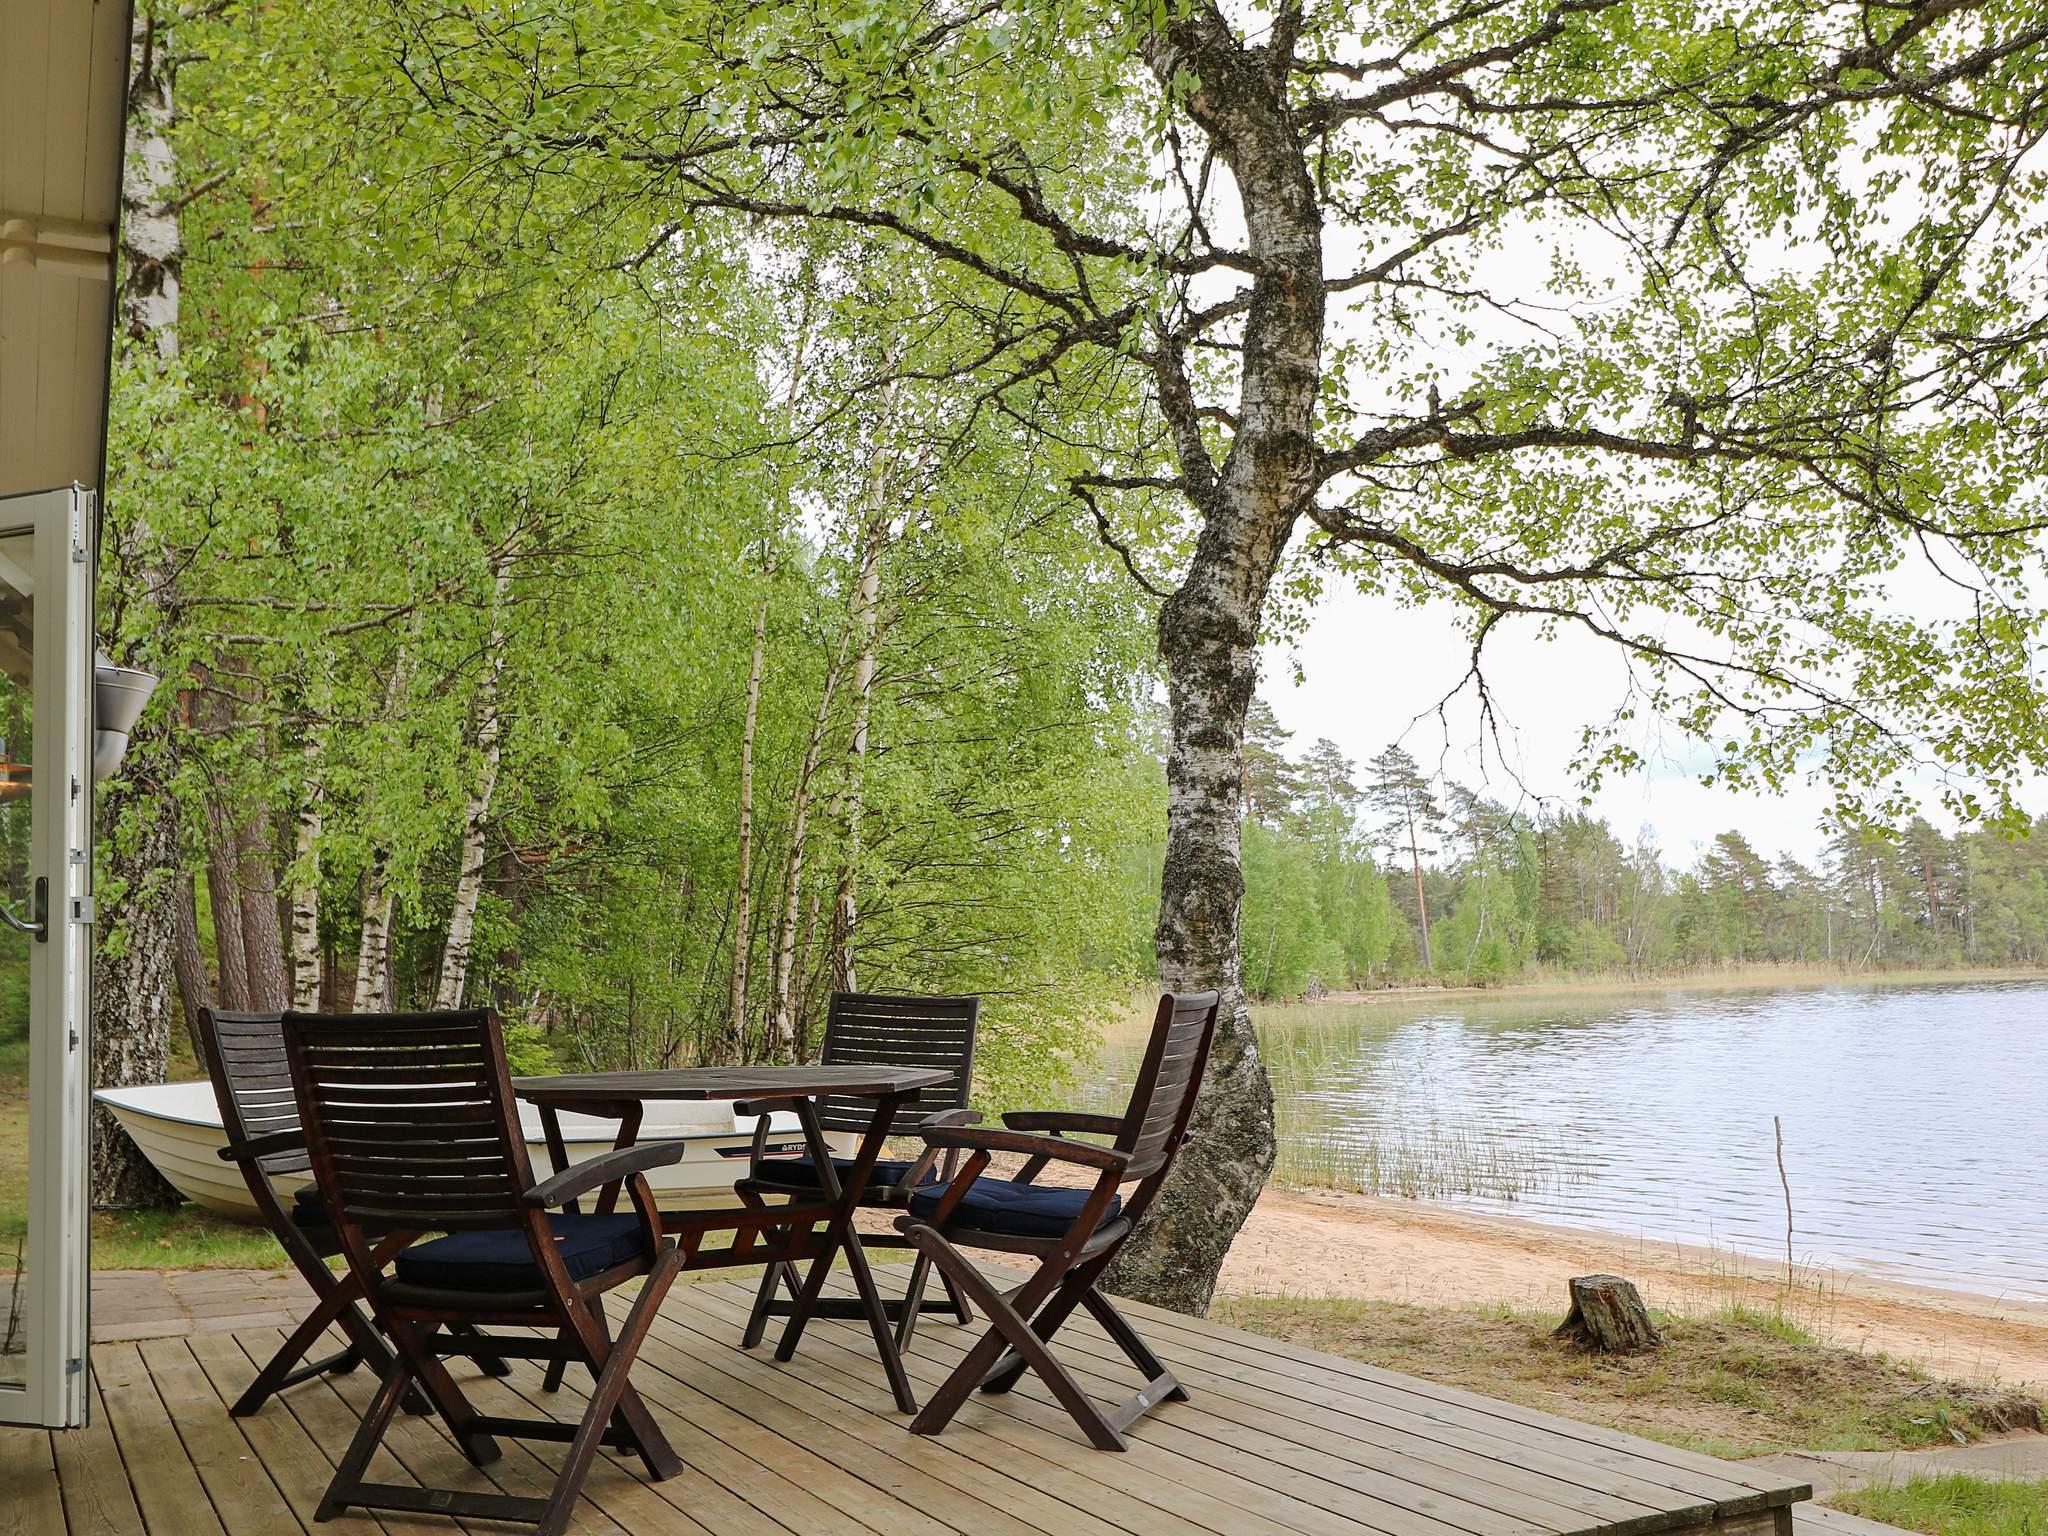 Ferienhaus Åhult (926589), Vaggeryd, Jönköpings län, Südschweden, Schweden, Bild 26